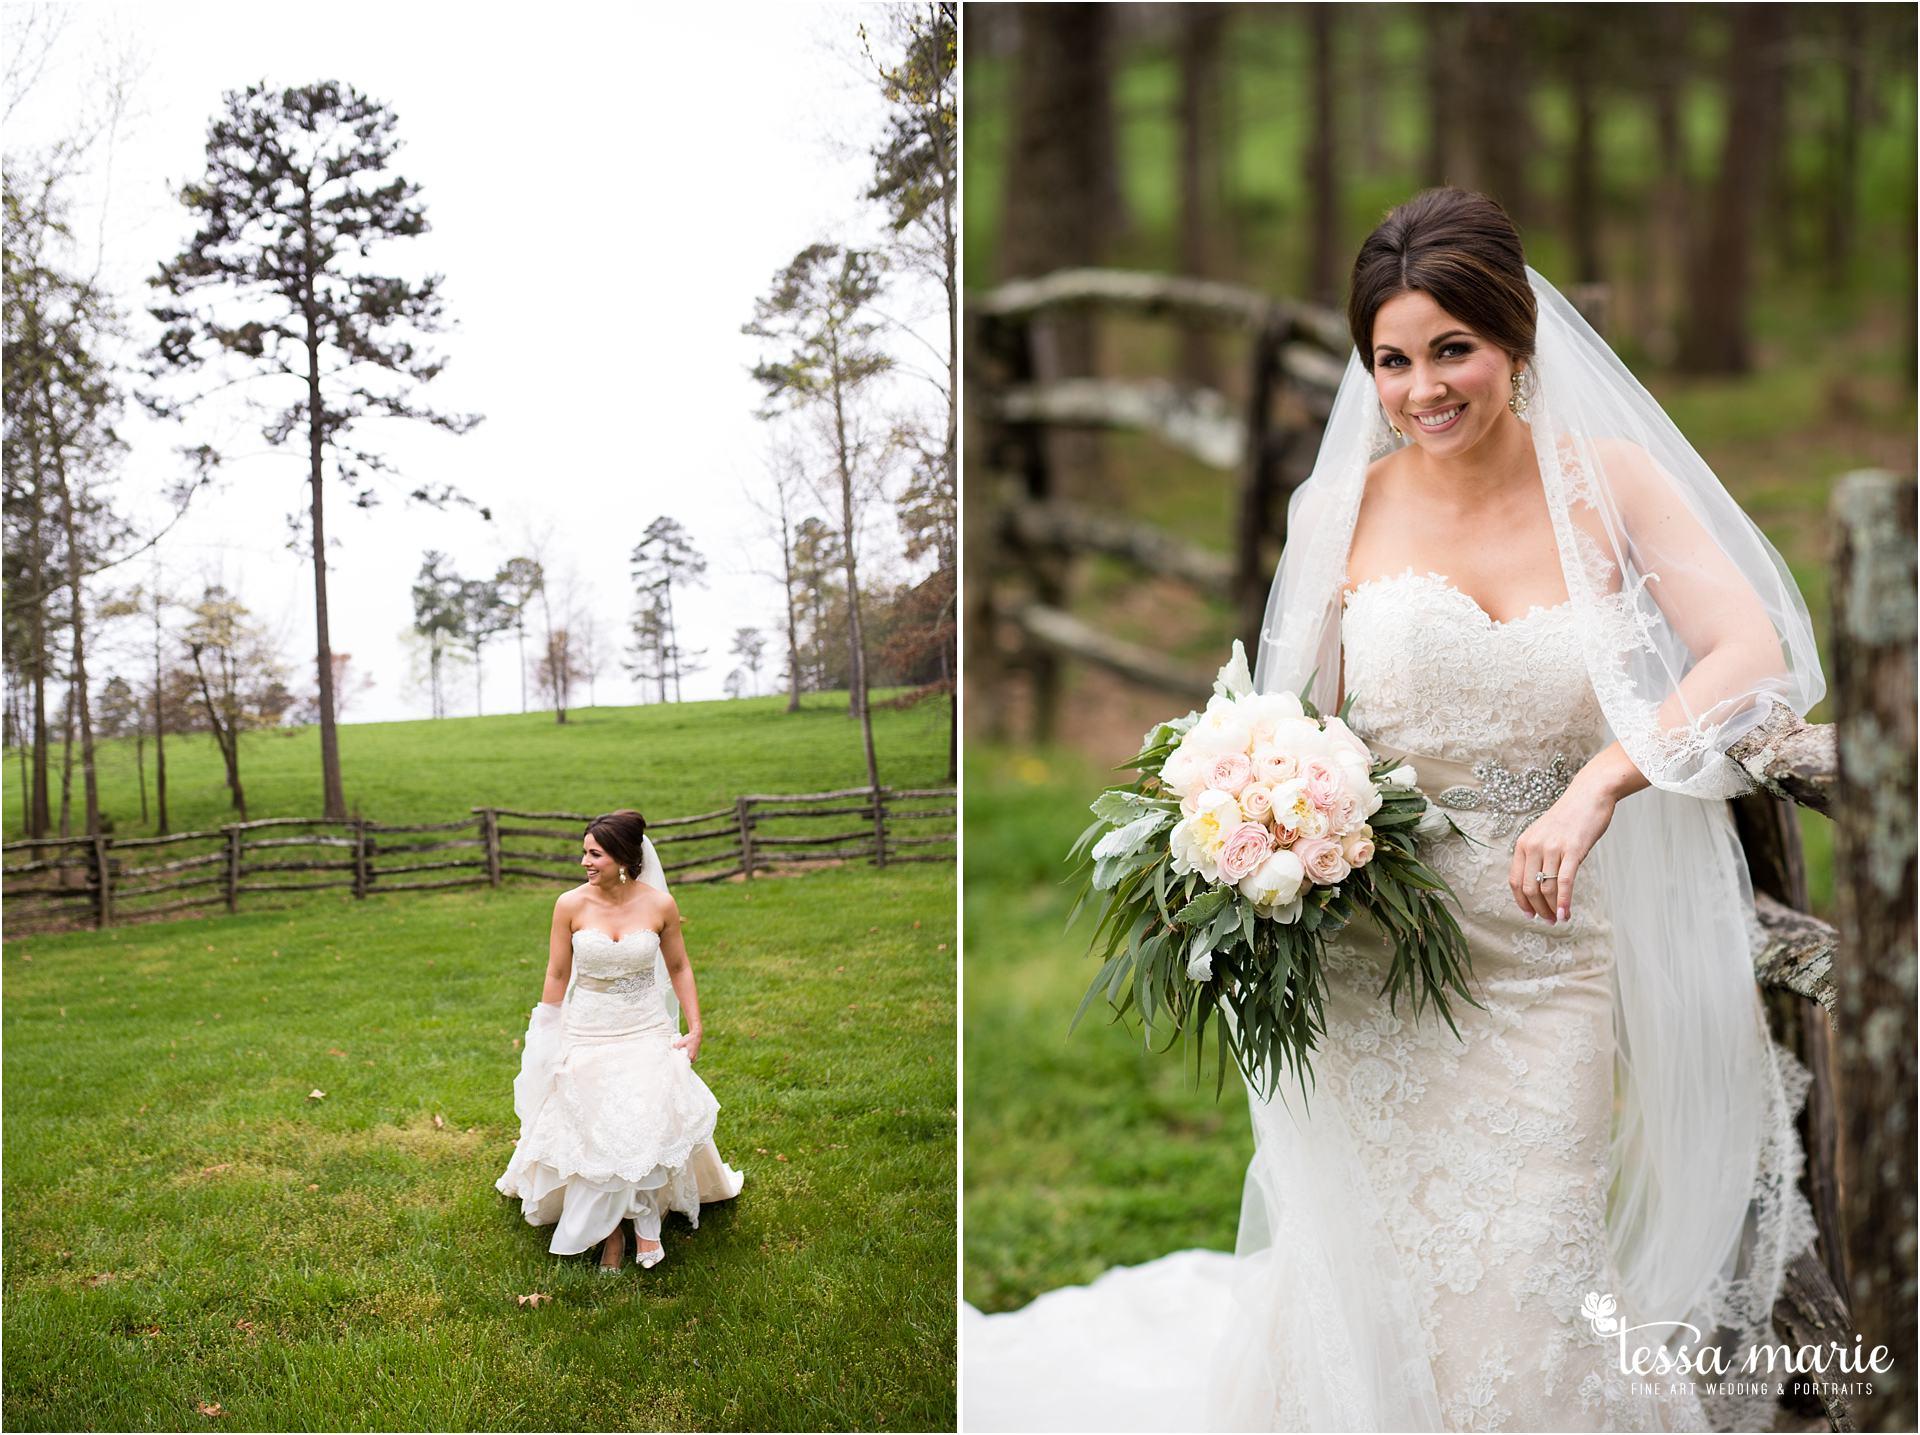 032216_brittany_kevin_wedding-42